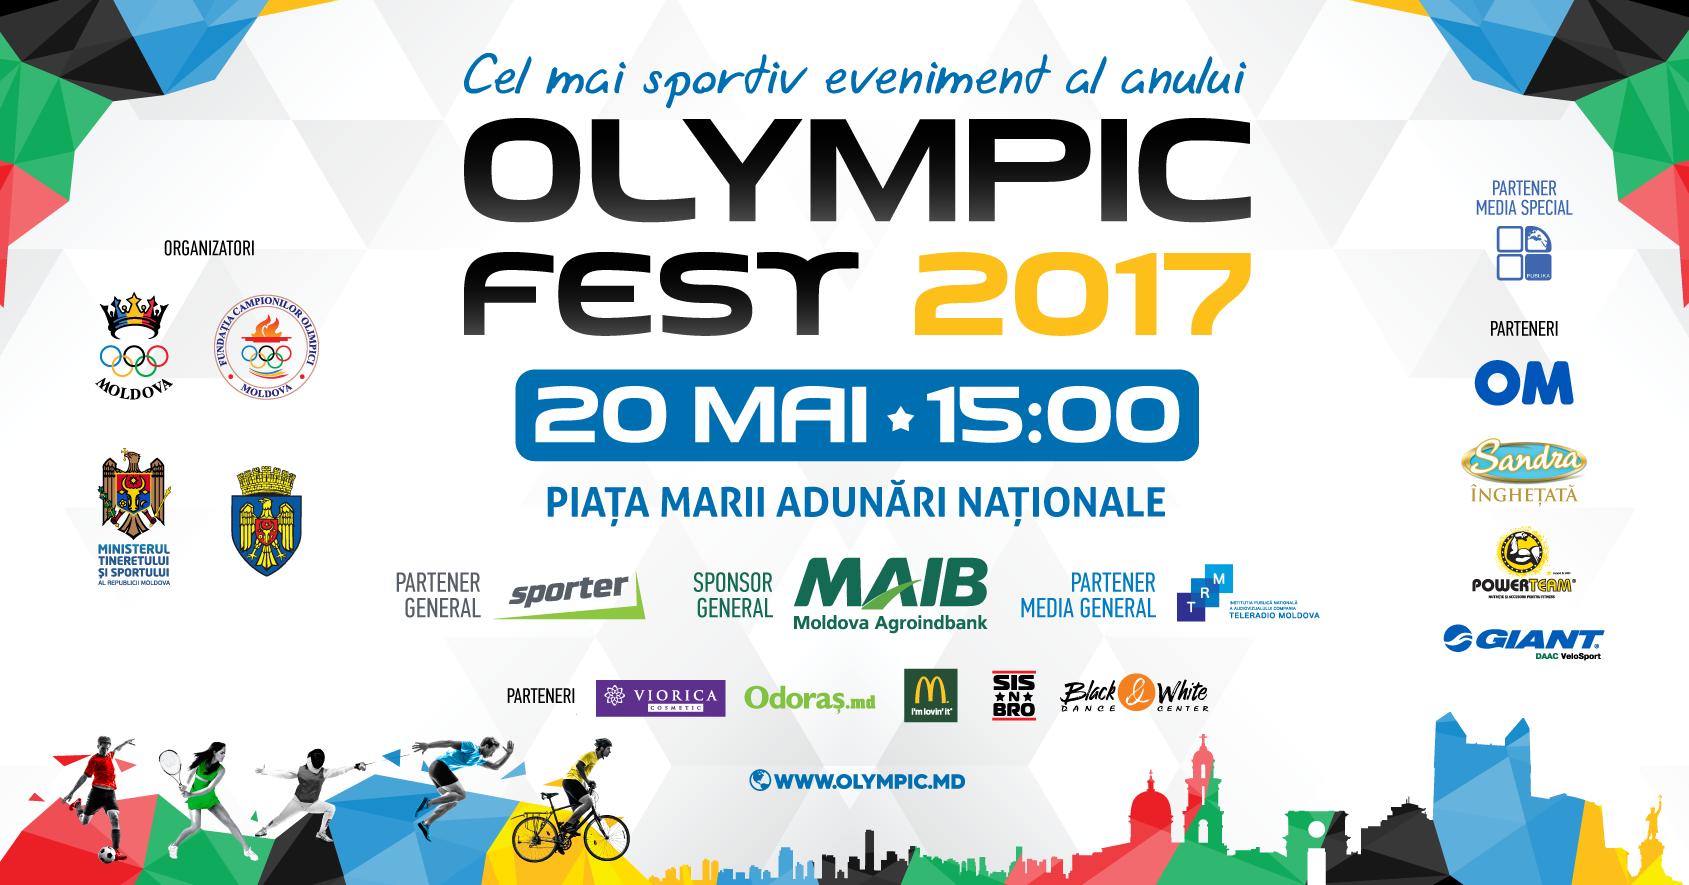 Comunicat de presă   Olympic Fest 2017 – cel mai sportiv eveniment al anului revine la Chișinău!